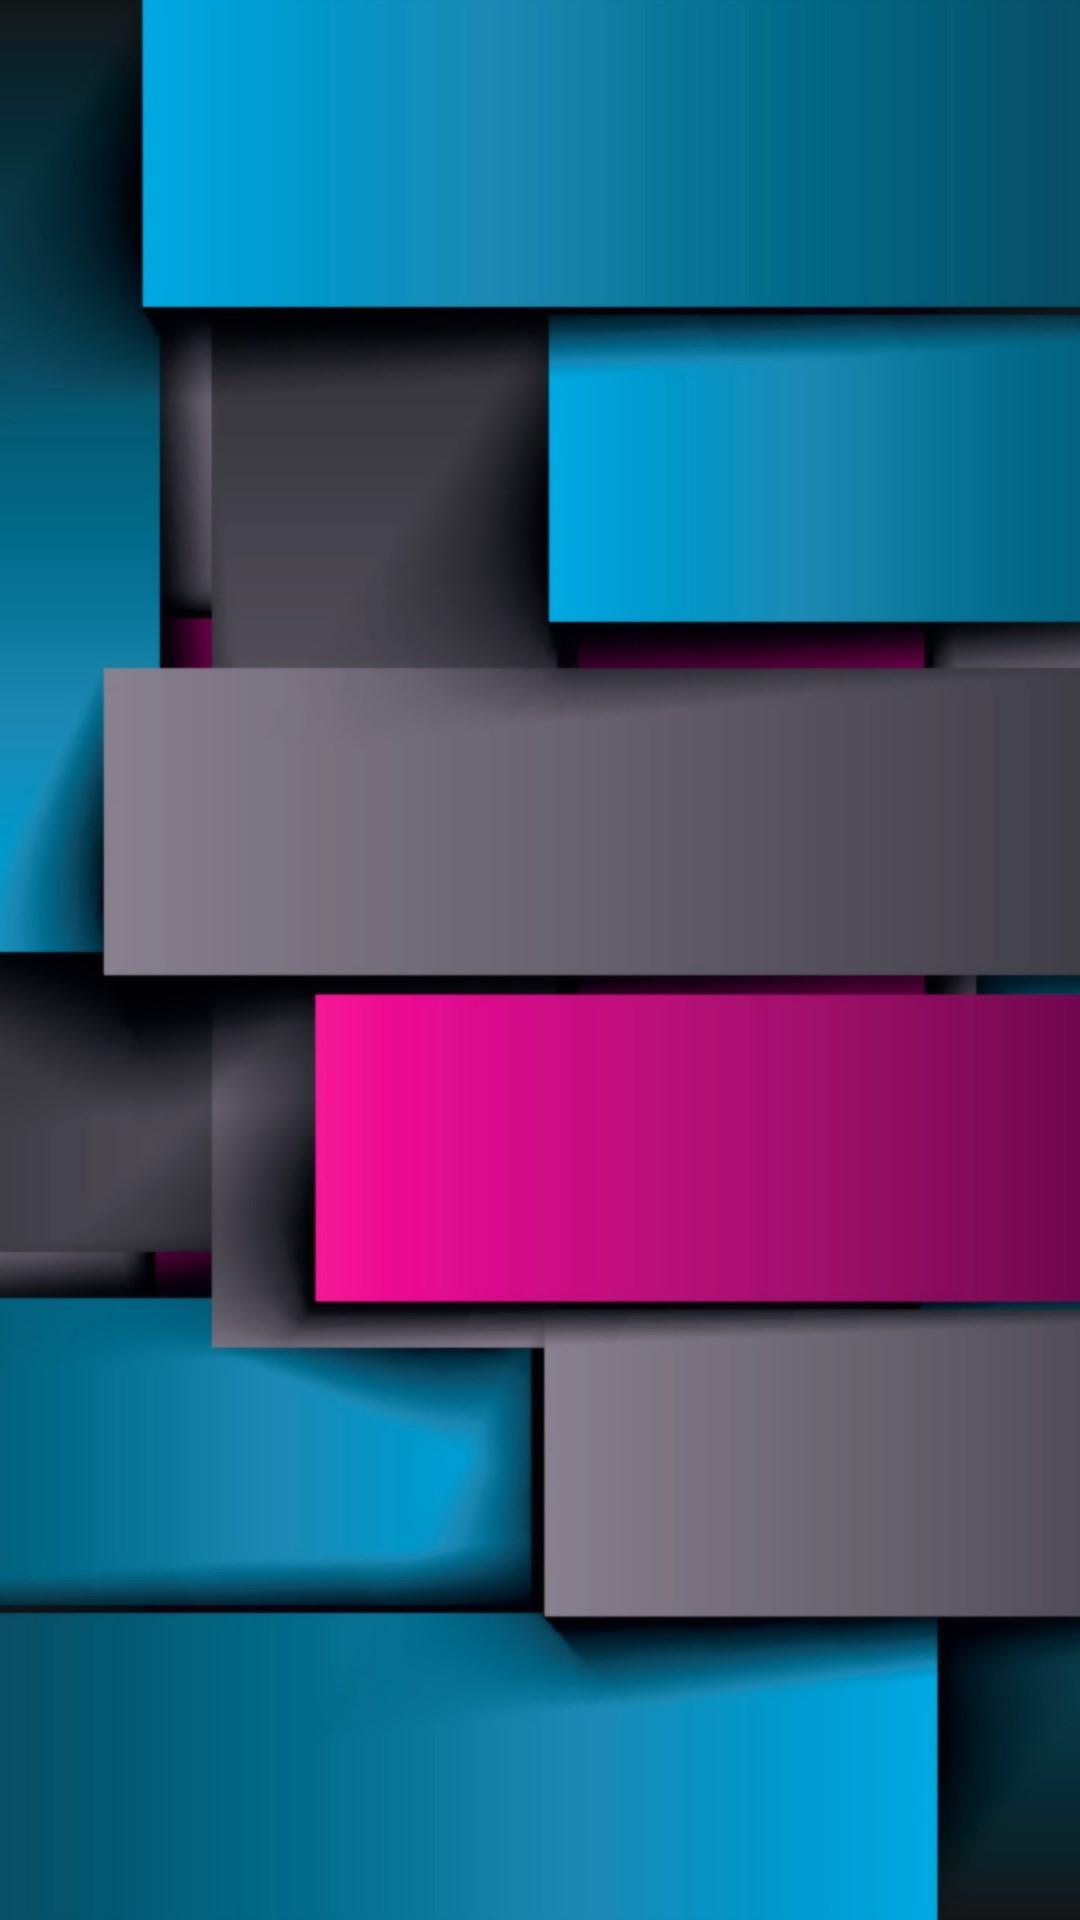 Att Wallpaper (57+ images)